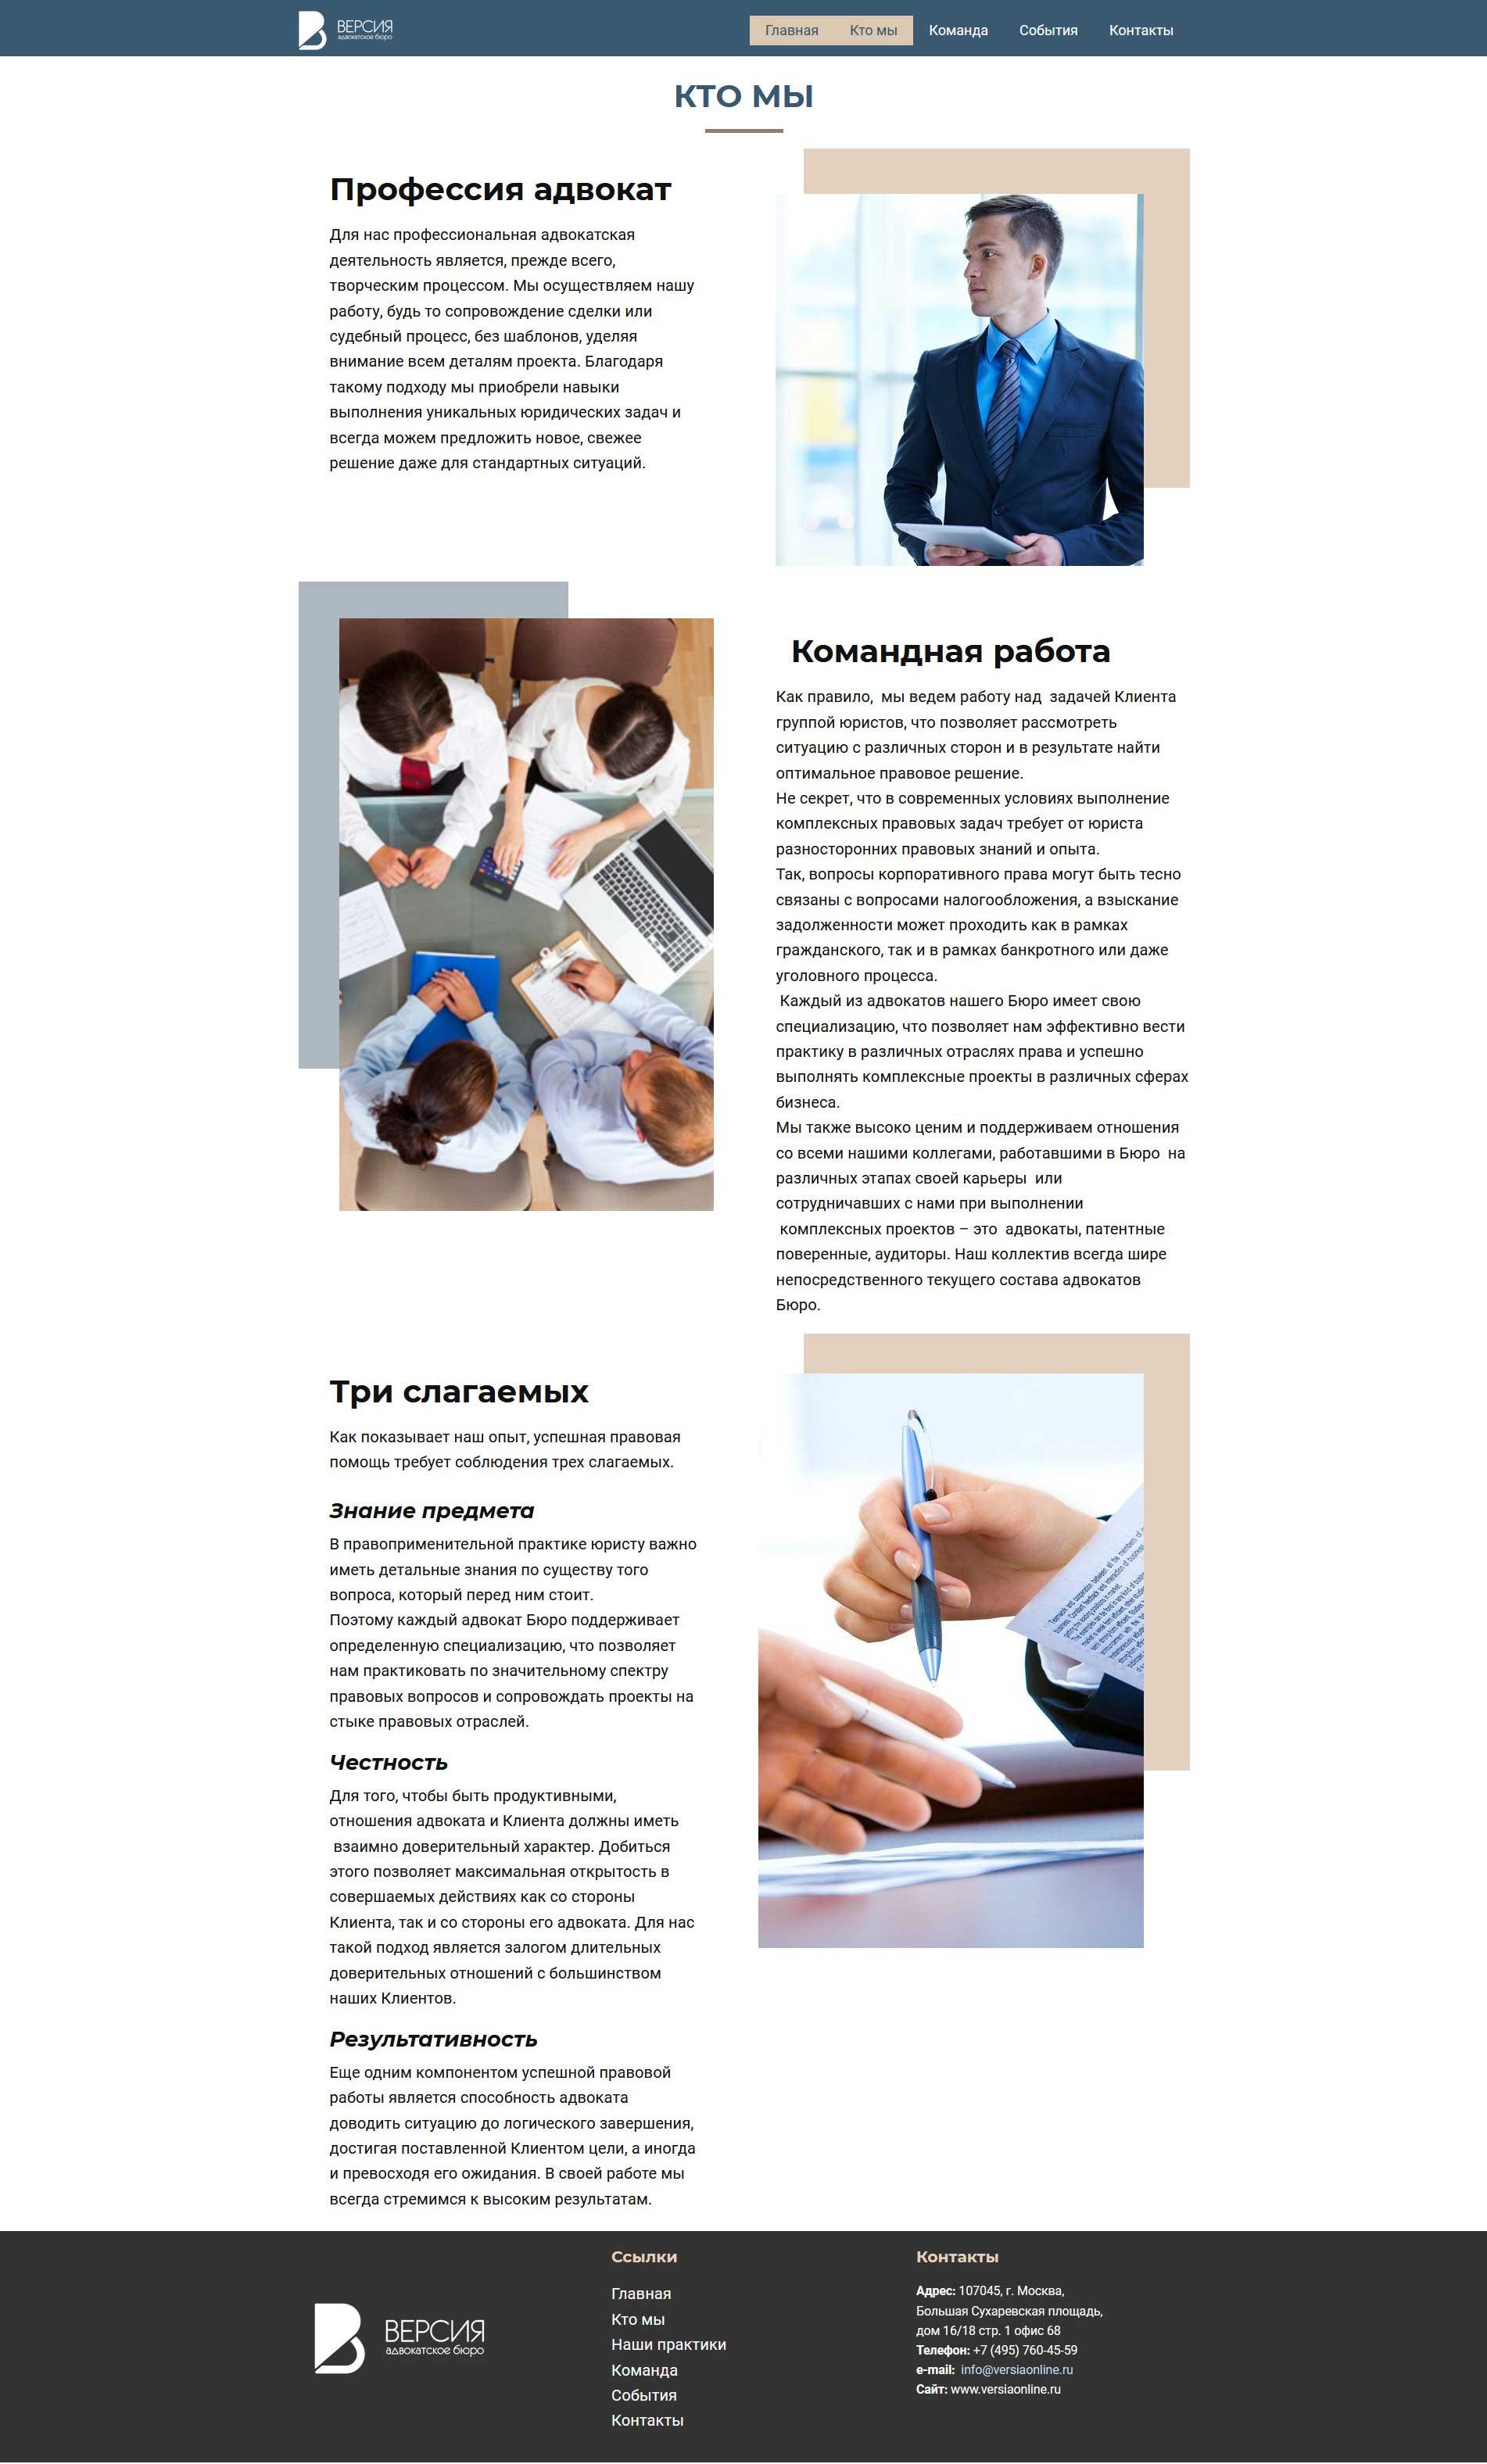 Конкурс на разработку дизайна и конструкцию сайта адвокатского бюро фото f_3995f1886f0e1635.jpg